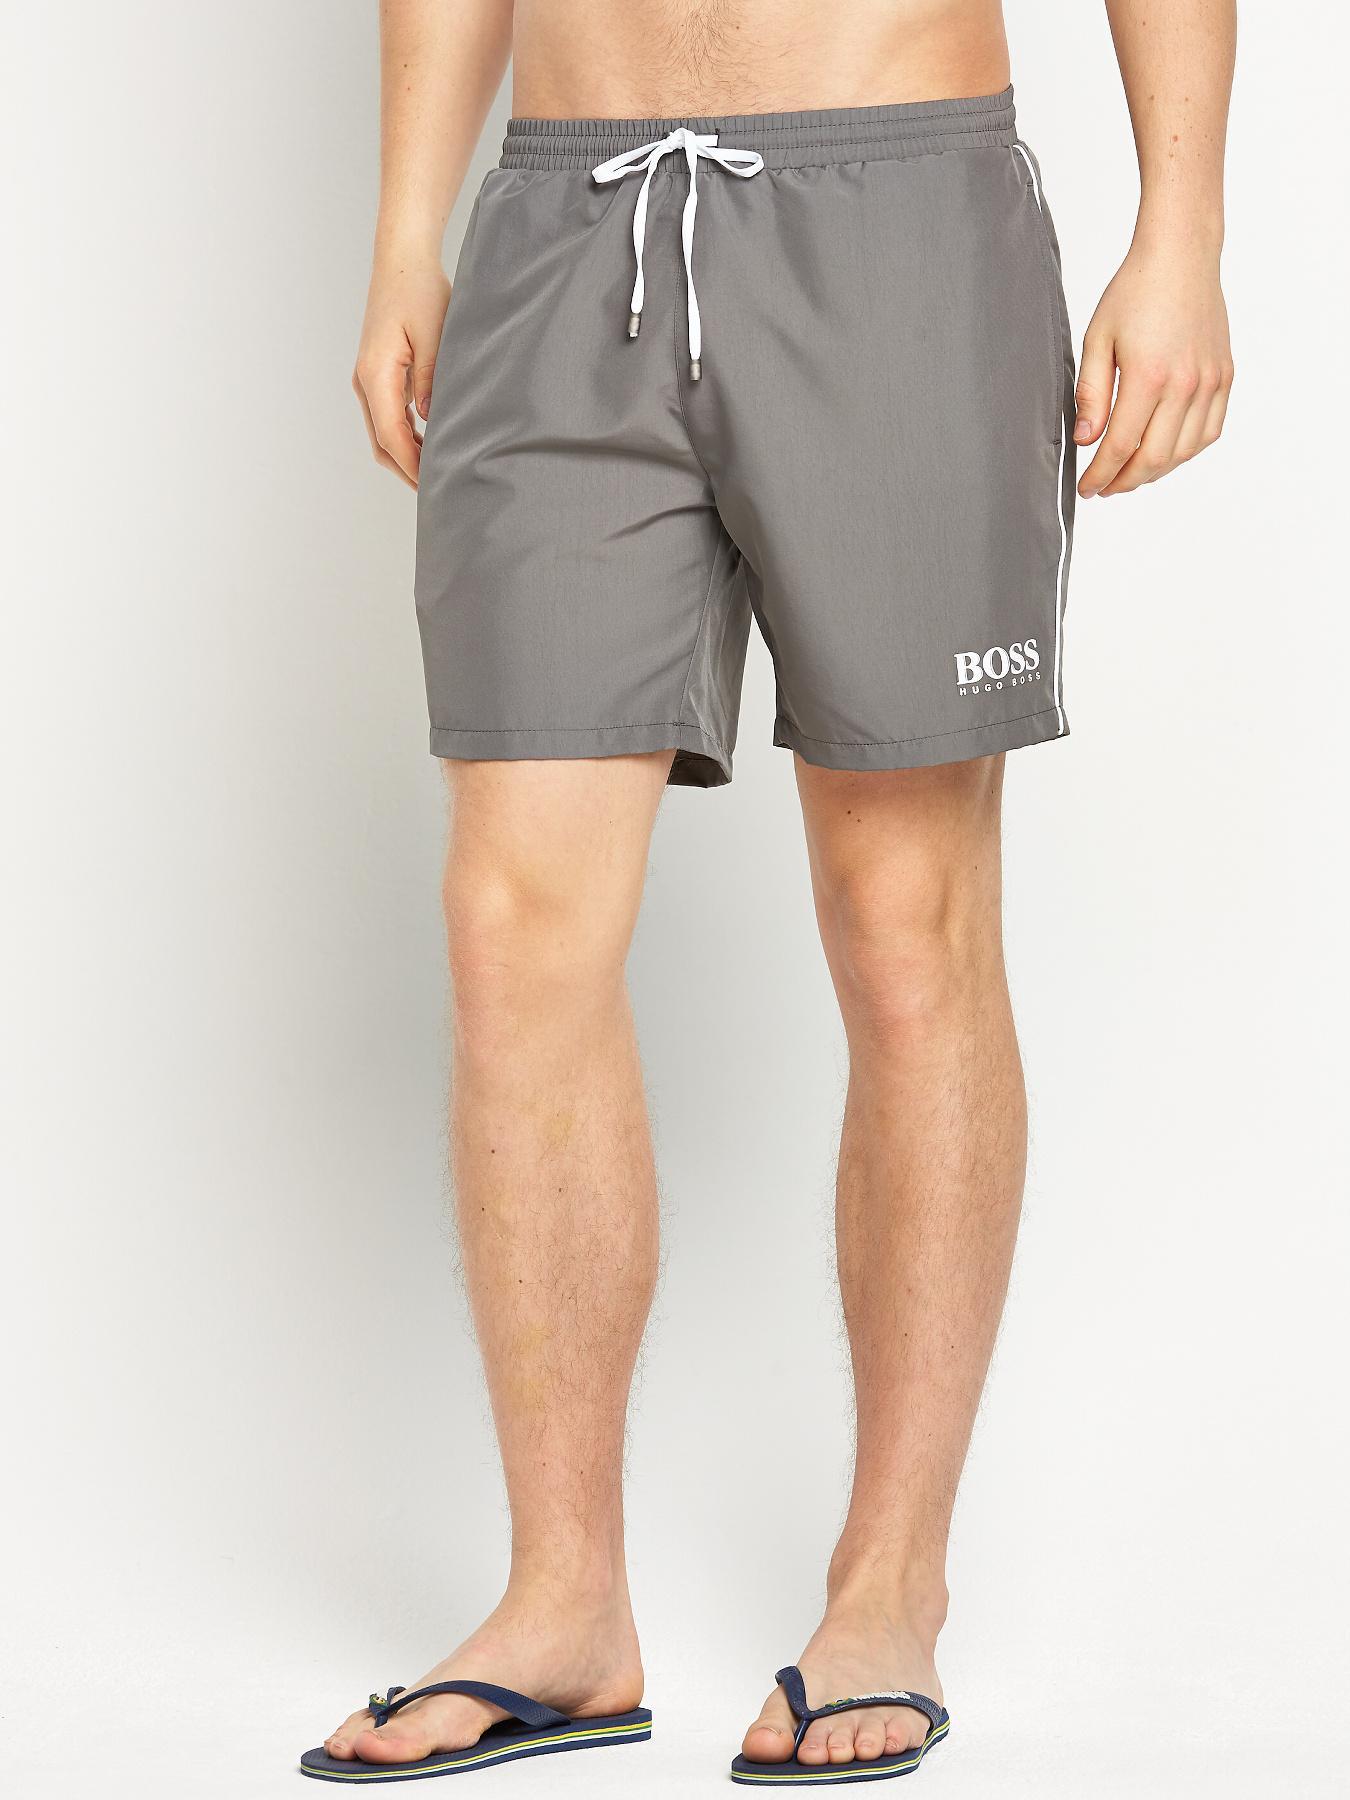 Hugo Boss Mens Starfish Swim Shorts - Grey - Grey, Grey